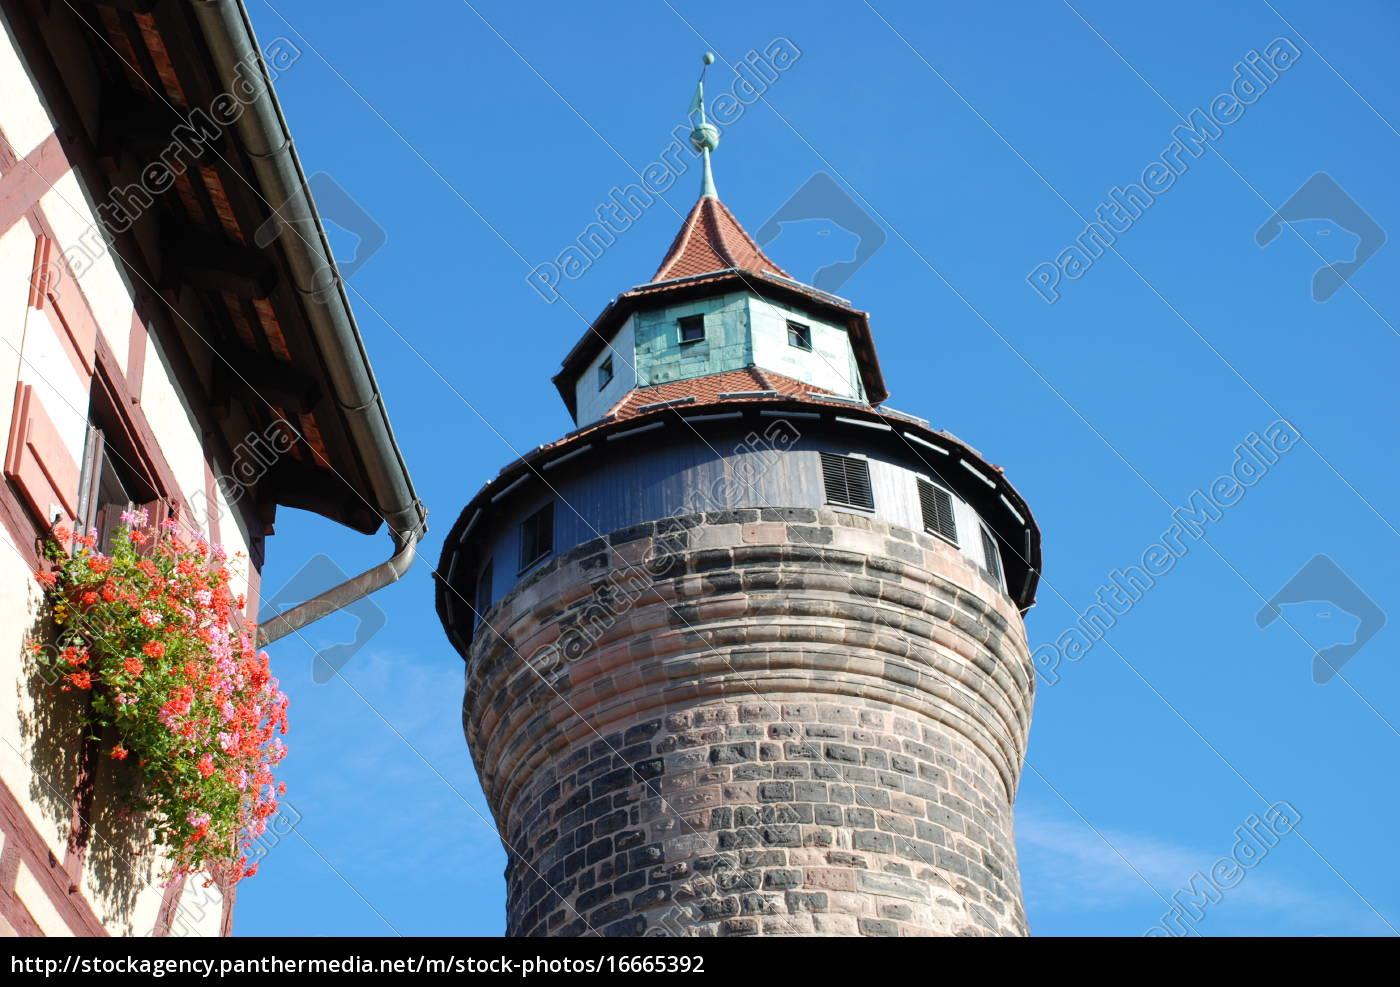 norymberga, zamek, norymberga, kaiserburg, wehrgang, sinwellturm - 16665392